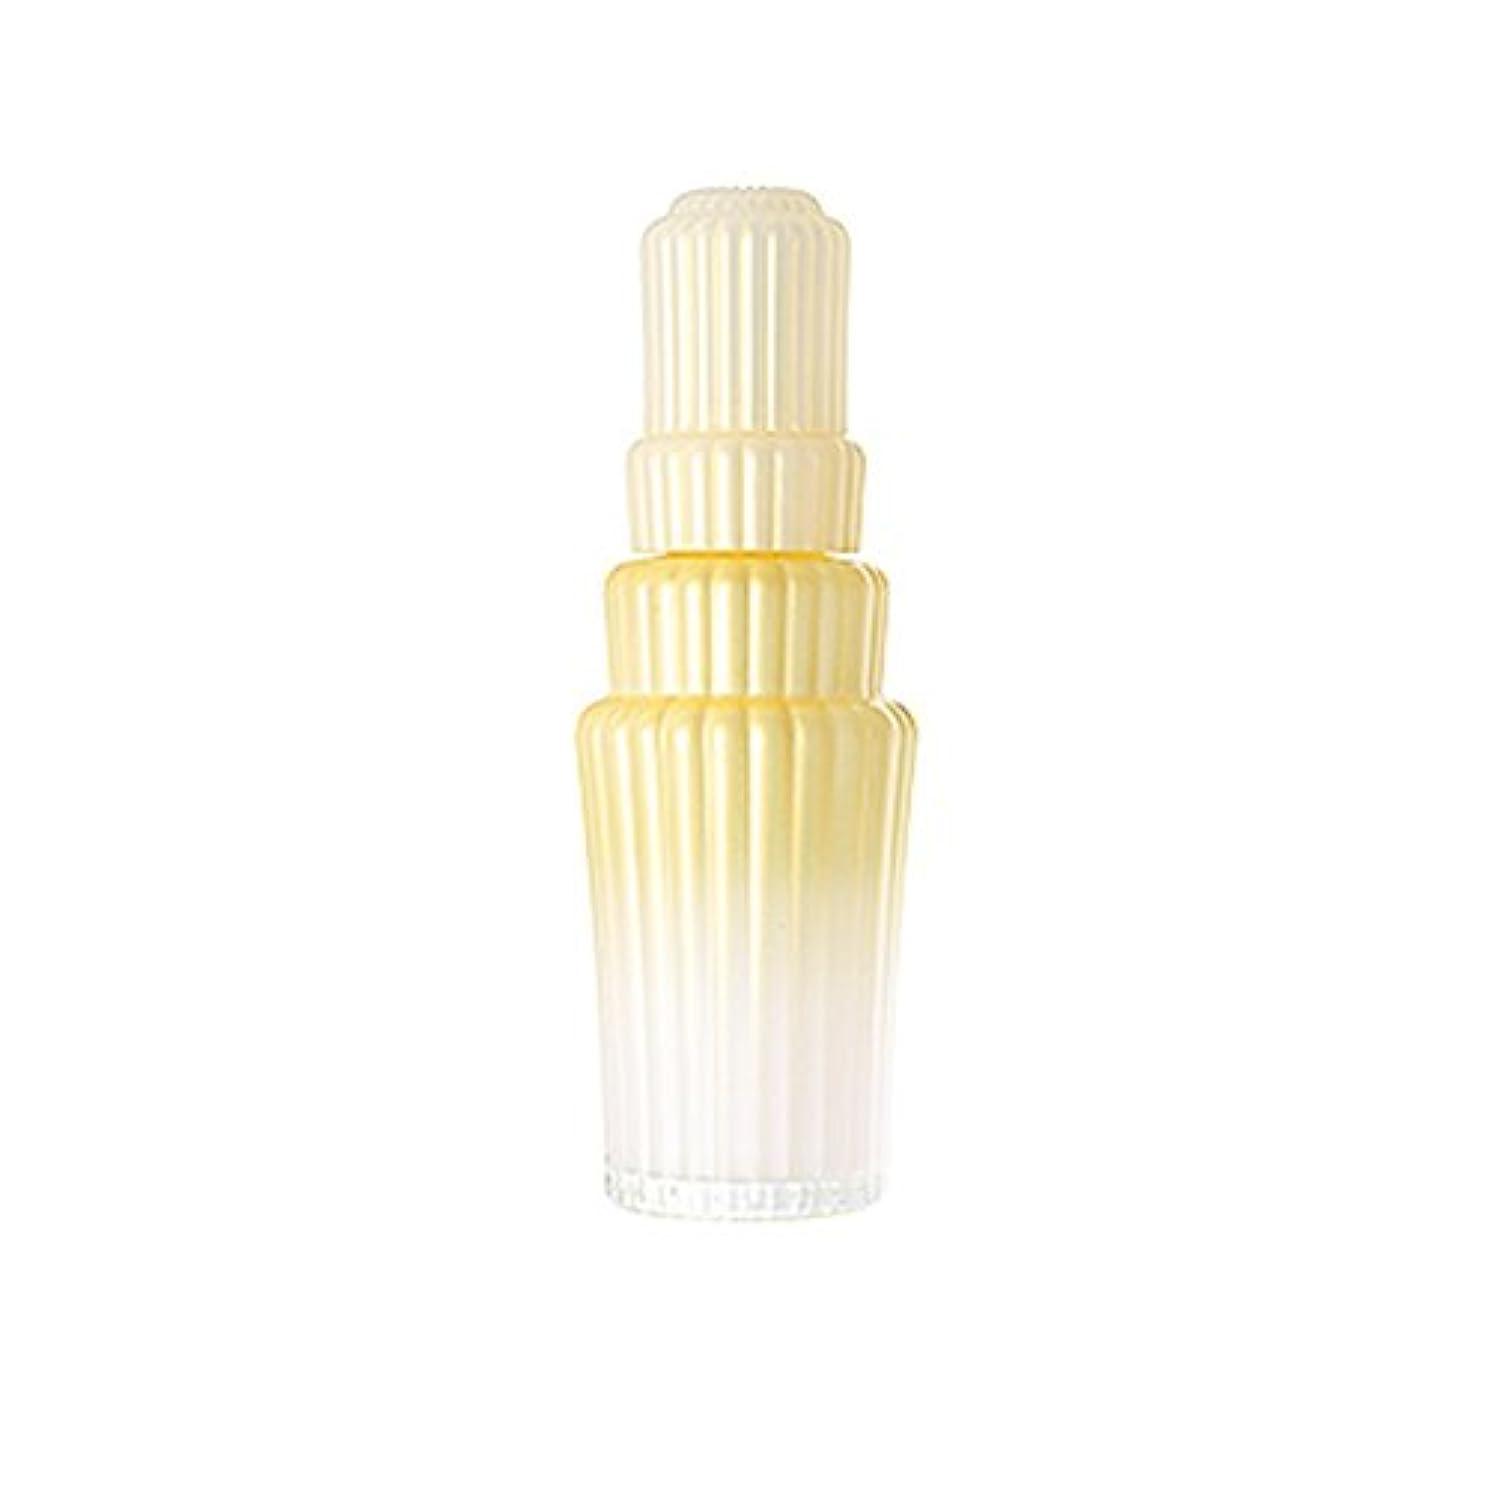 同一の竜巻ユーザーアユーラ (AYURA) モイスチャライジングプライマー コンビネーションドライ W (医薬部外品) 100mL 〈美白化粧液〉 混合乾燥ケア うるおい アロマティックハーブの香り